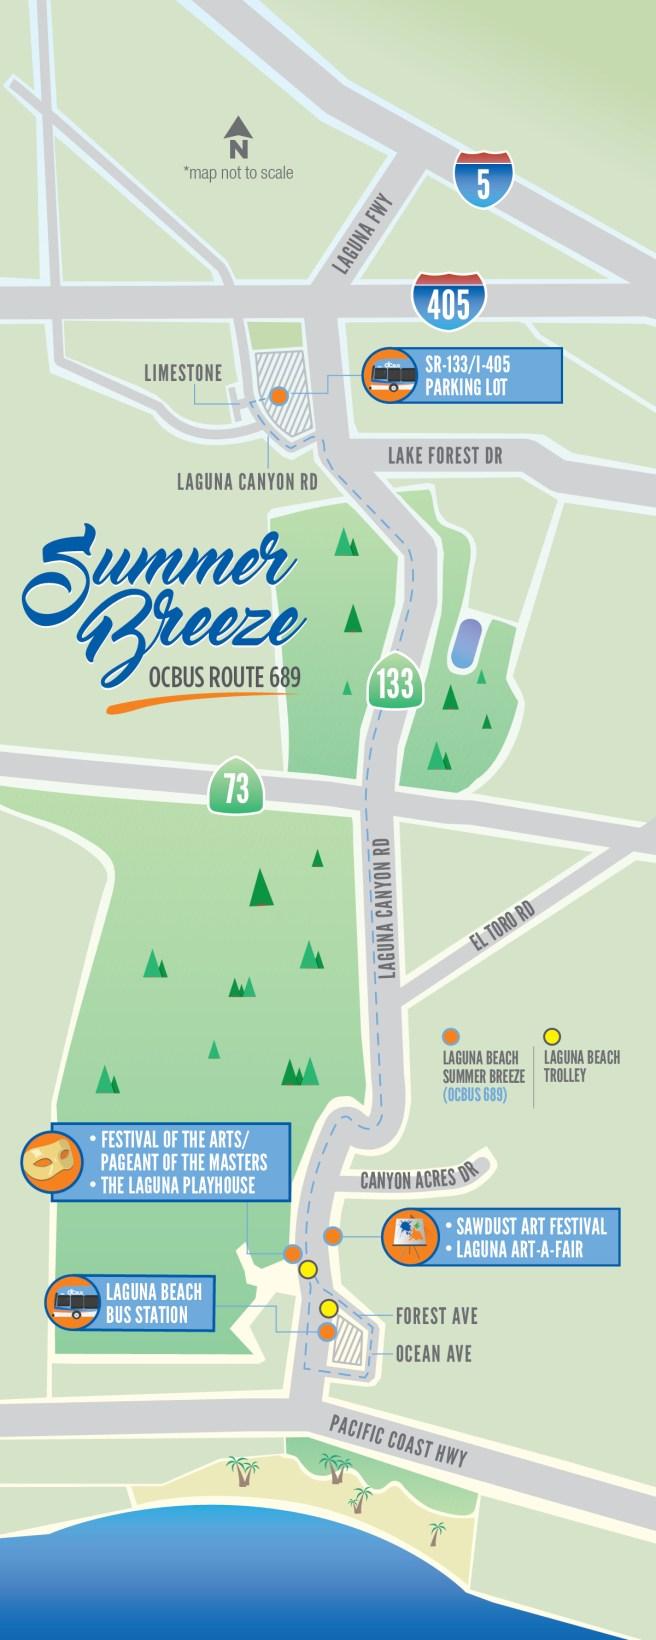 Laguna Beach OCTA Summer Breeze 2017 Map